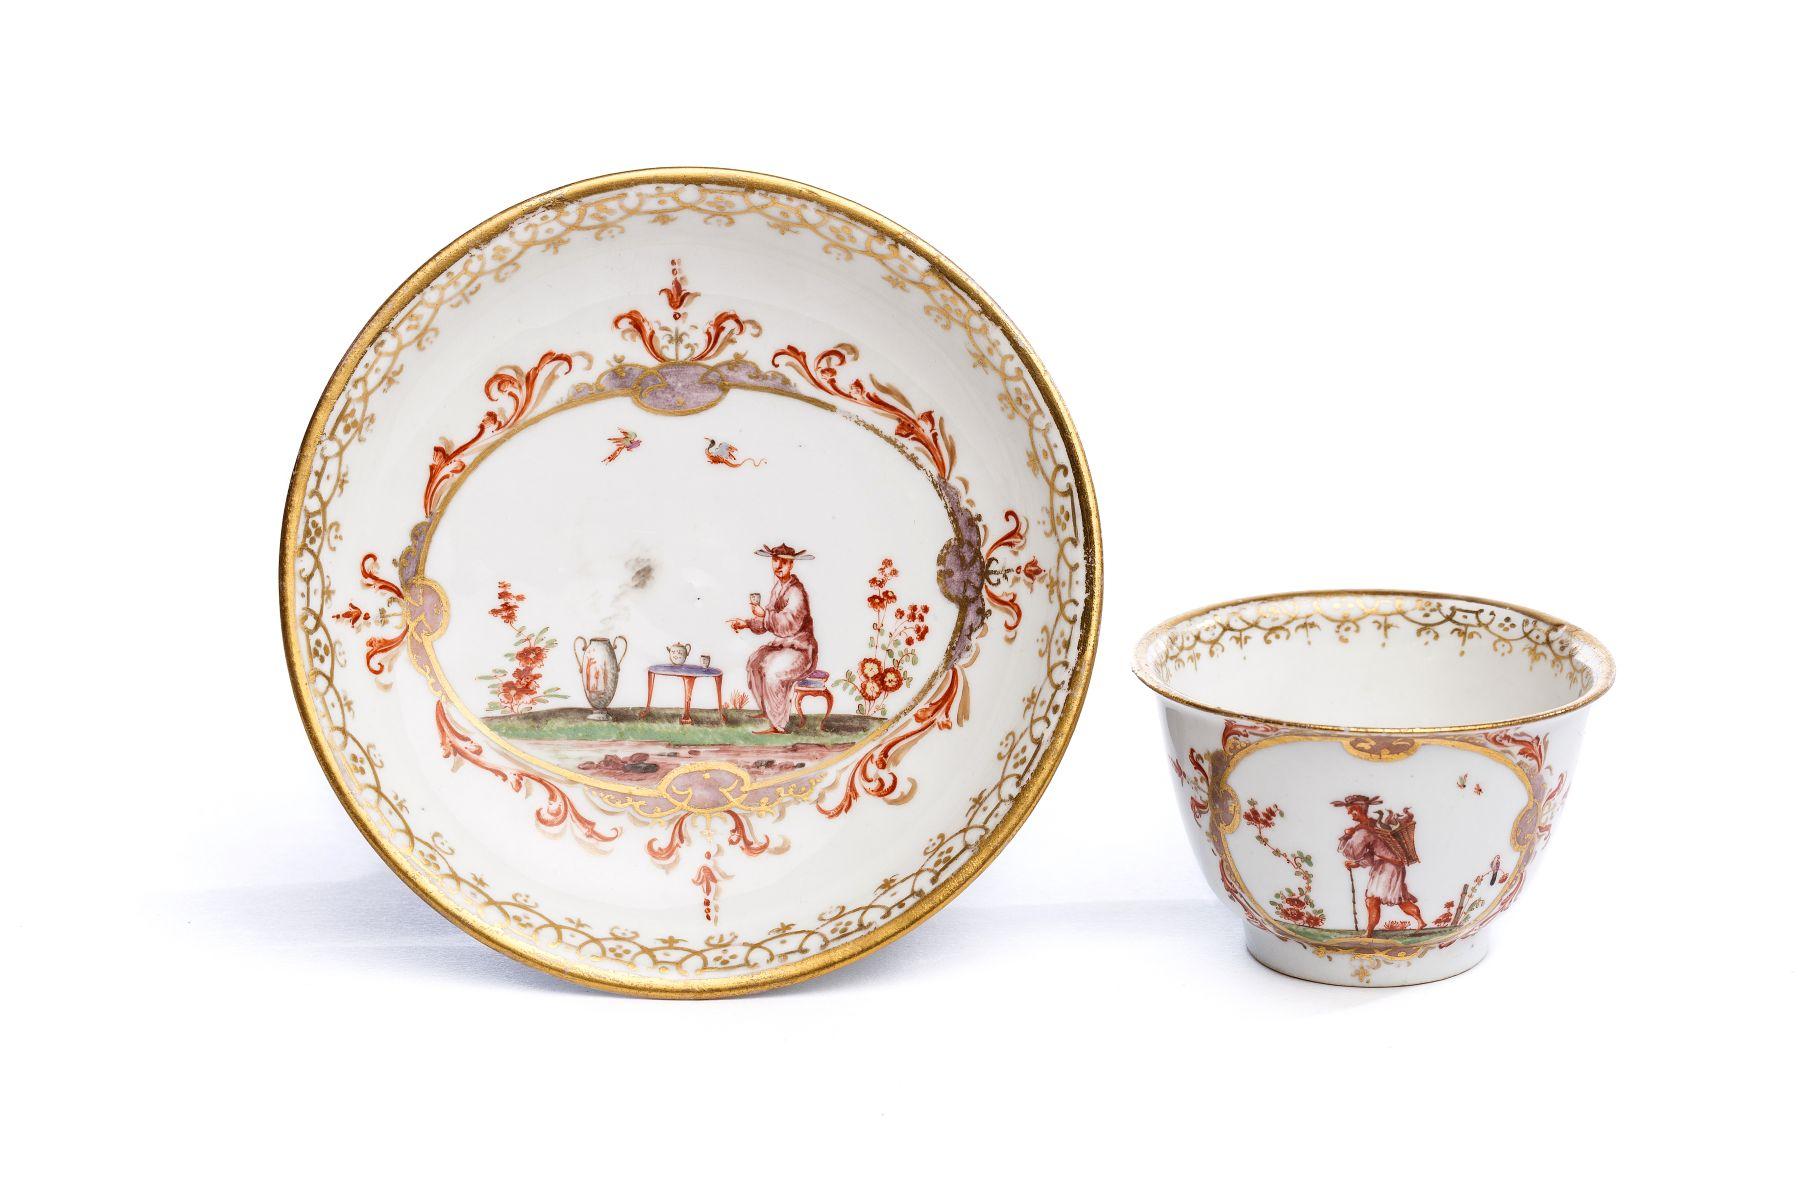 #18 Bowl with saucer, Meissen 1720/25 | Koppchen mit Unterschale, Meissen 1720/25 Image